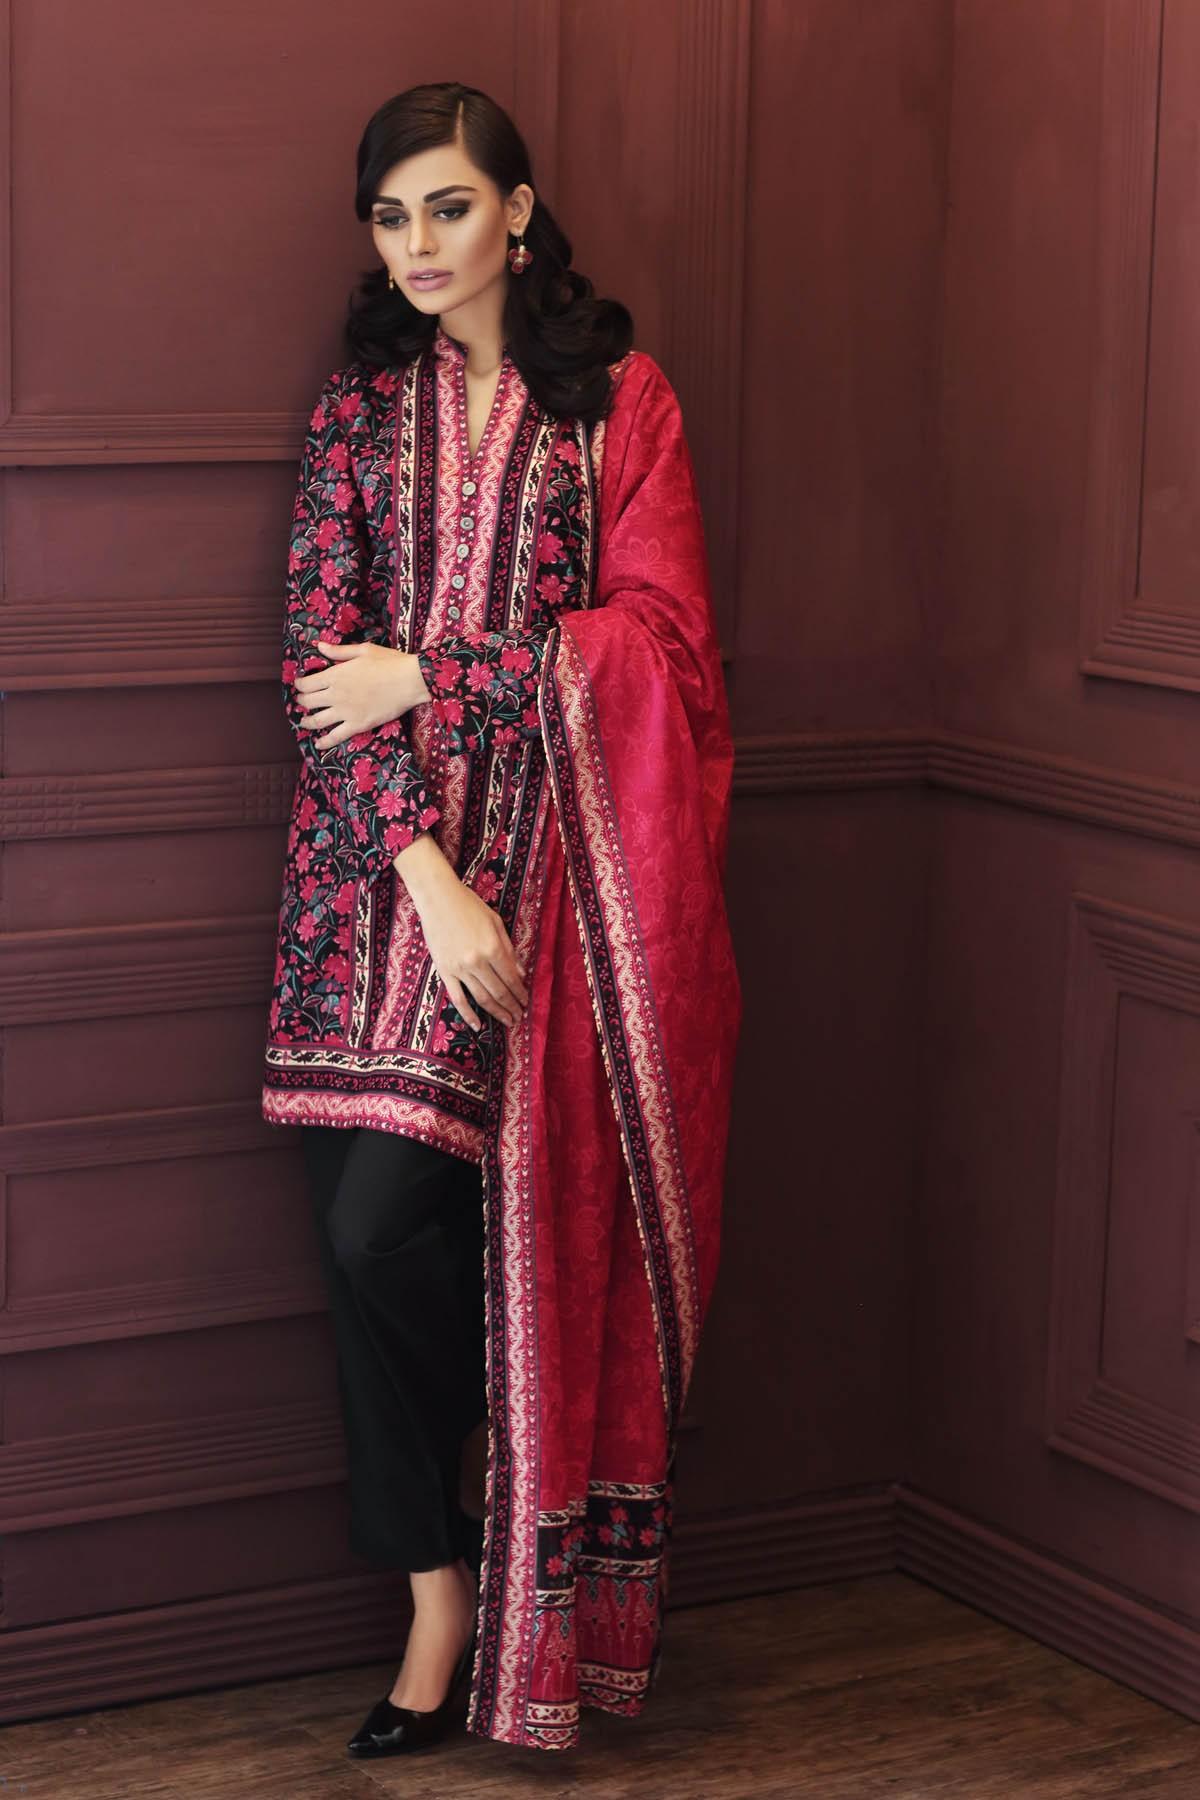 Pakistani Dresses Online Buy Pakistani Clothing USA, UK Pakistani fashion winter collection